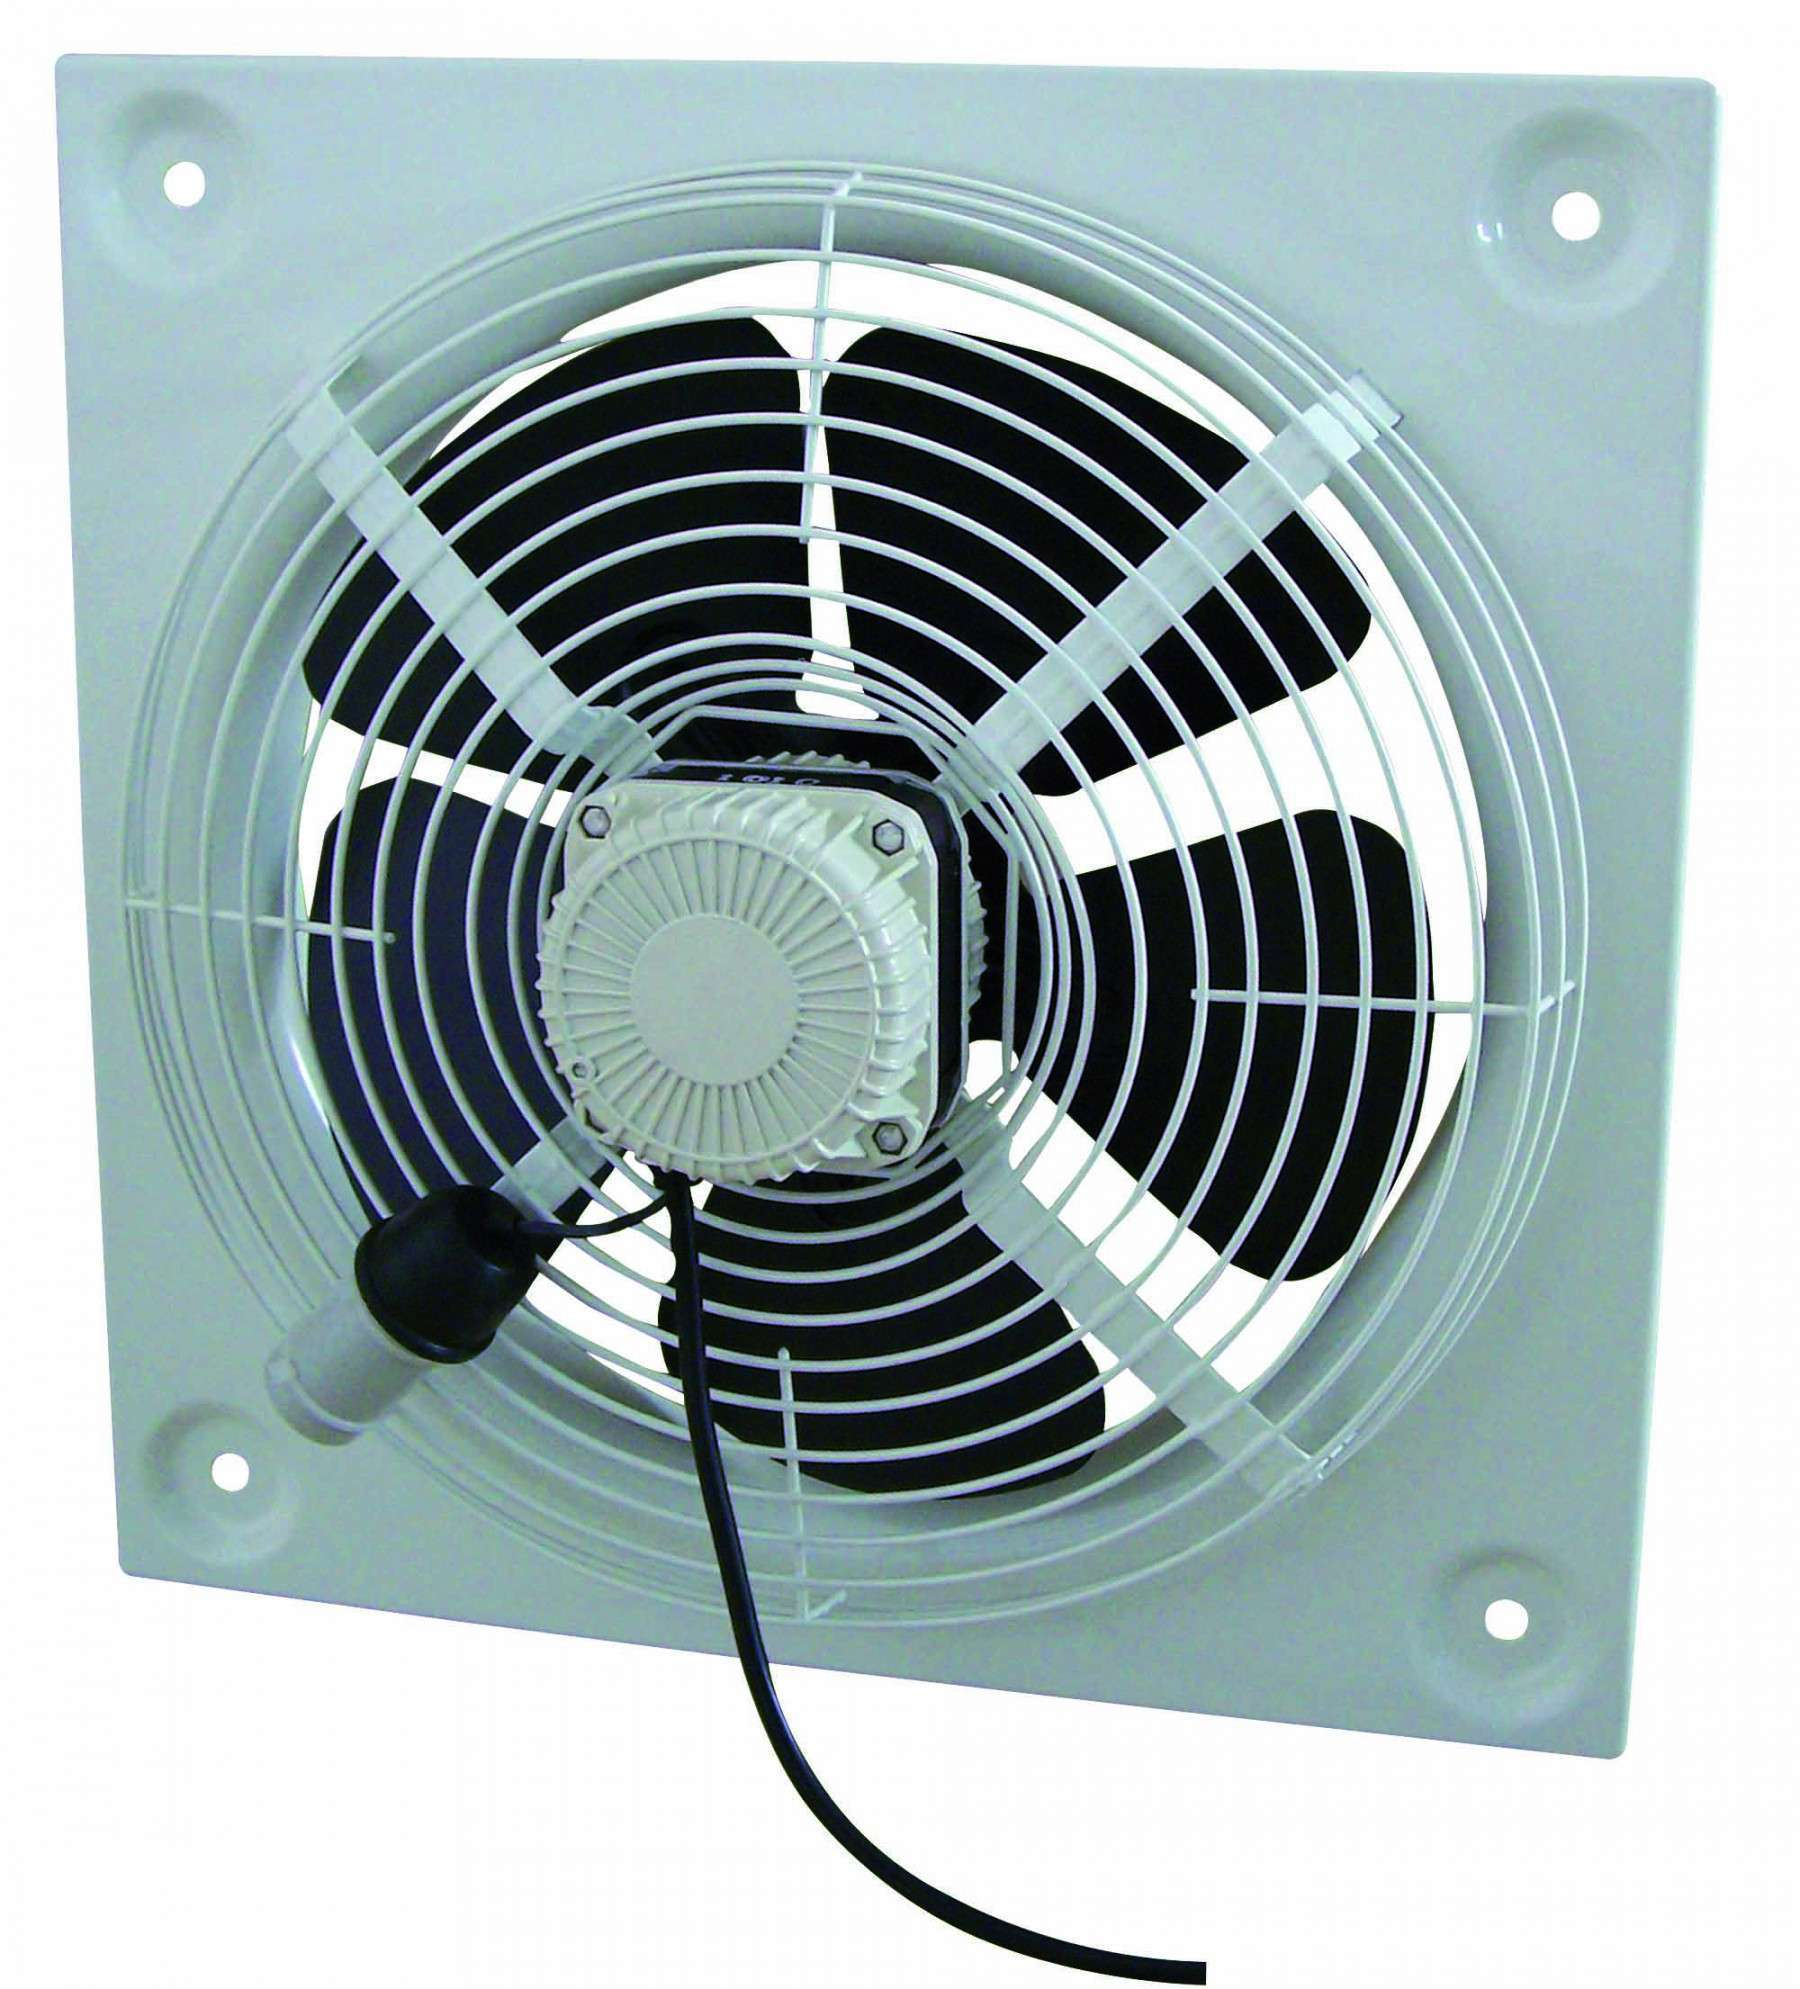 HXM 200 UNELVENT Ventilateur Hélicoïde Mural 50323